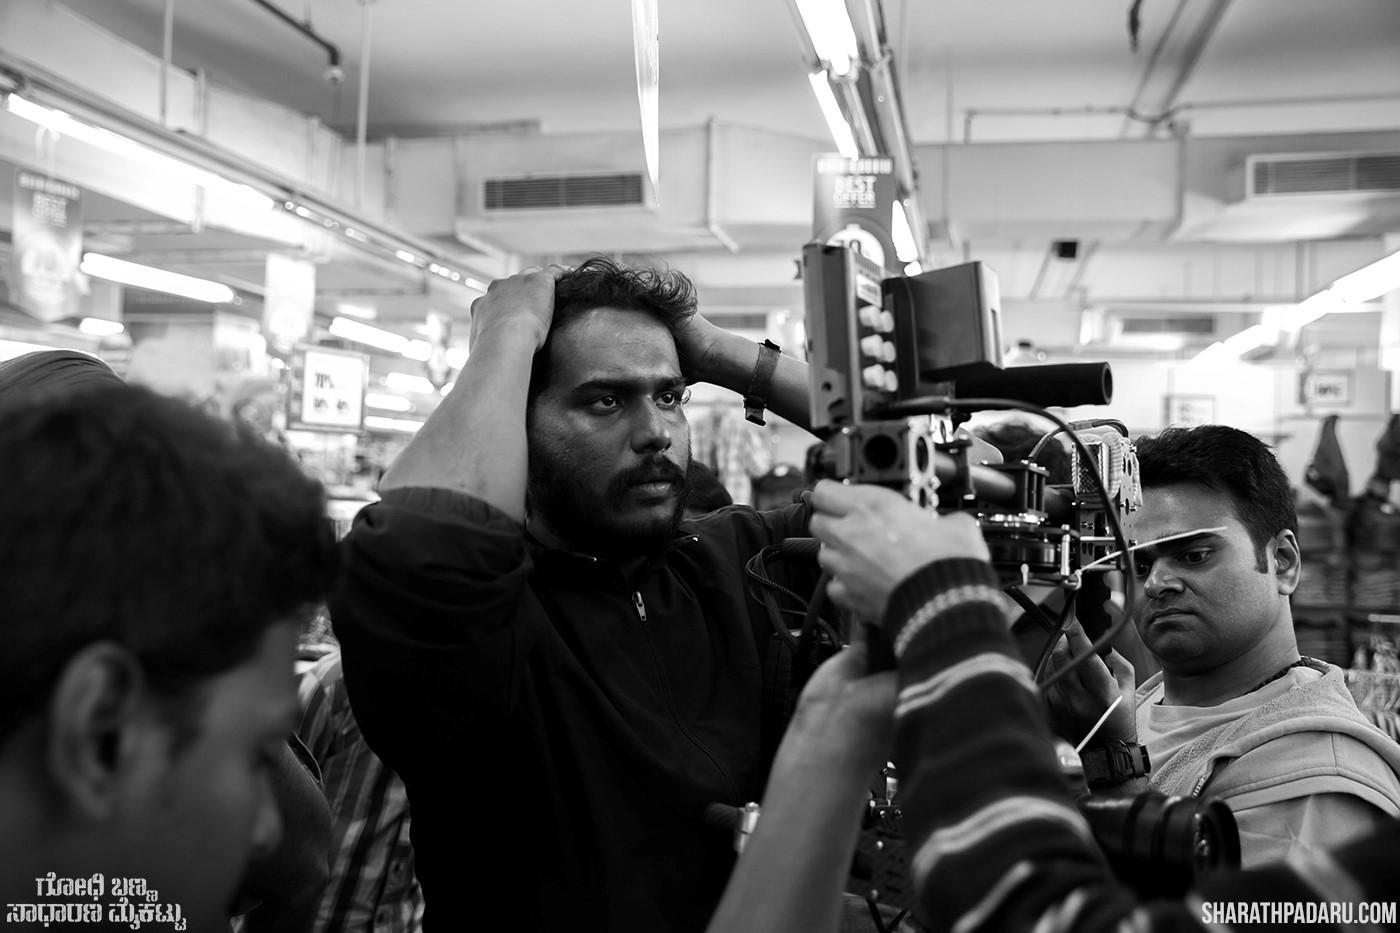 Godhi-Banna-Sadharana-Mykattu-movie-stills-photography-sharath-padaru (31).jpg